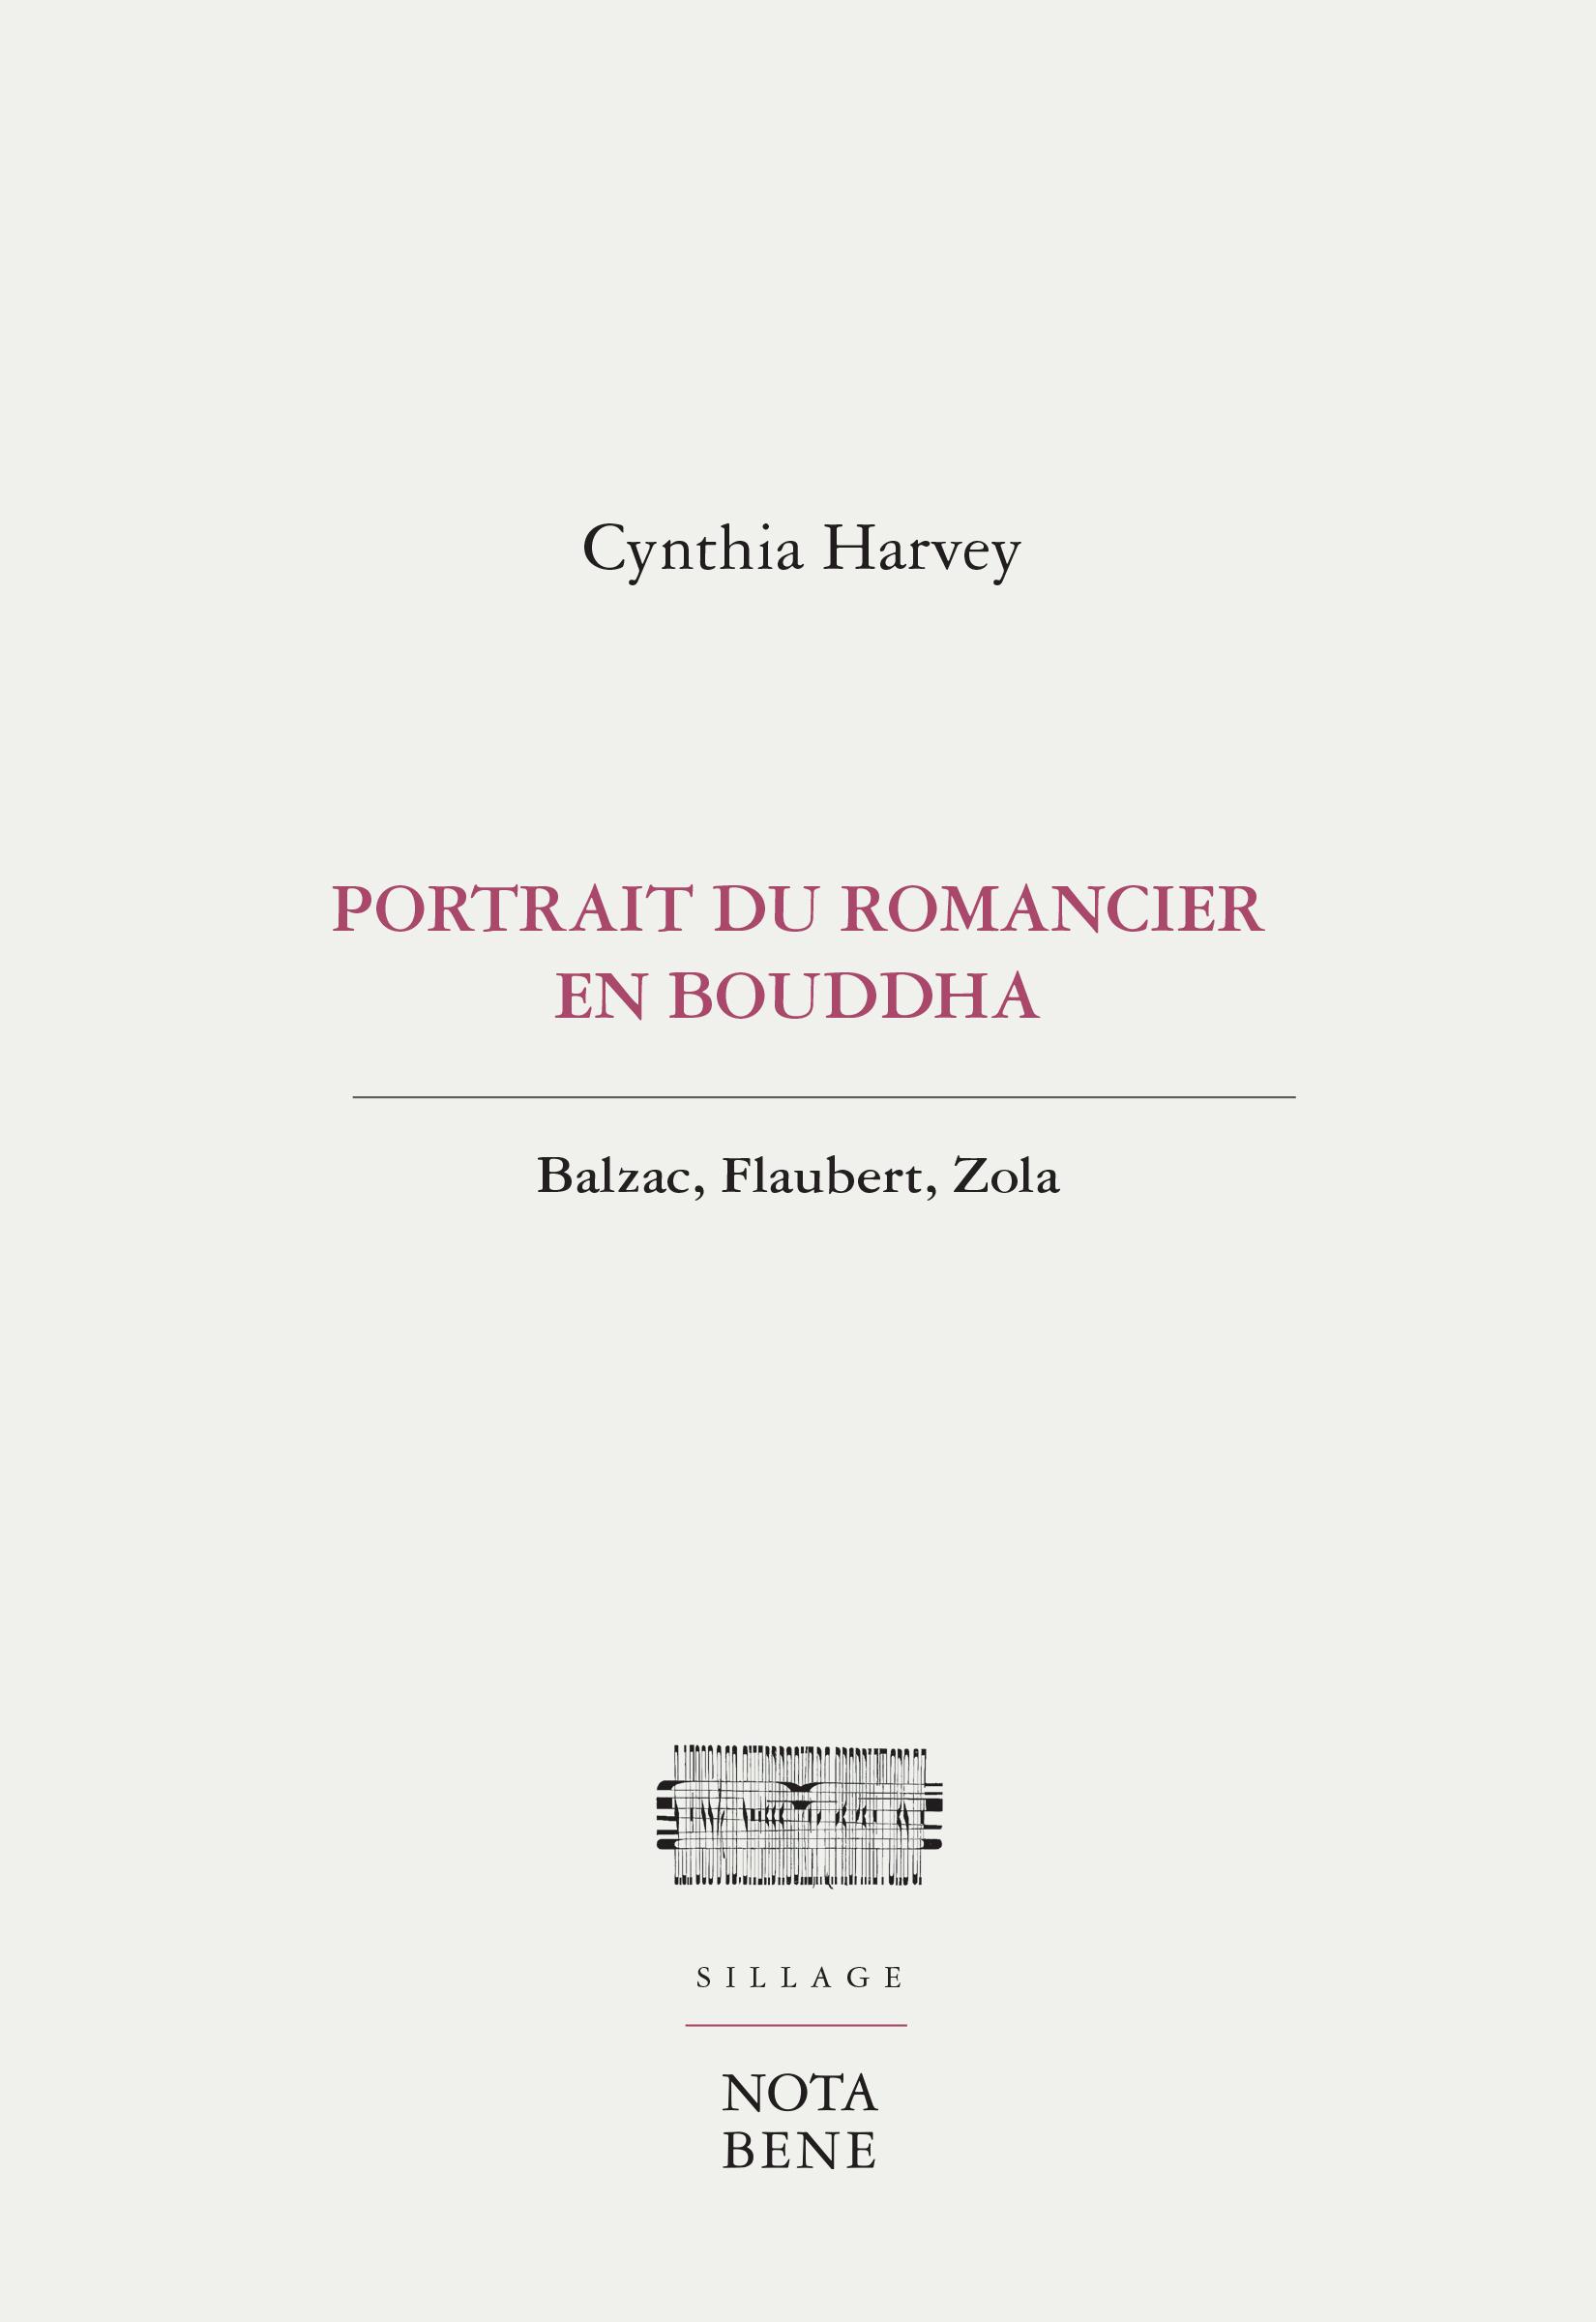 C. Harvey, Portrait du romancier en bouddha. Balzac, Flaubert, Zola